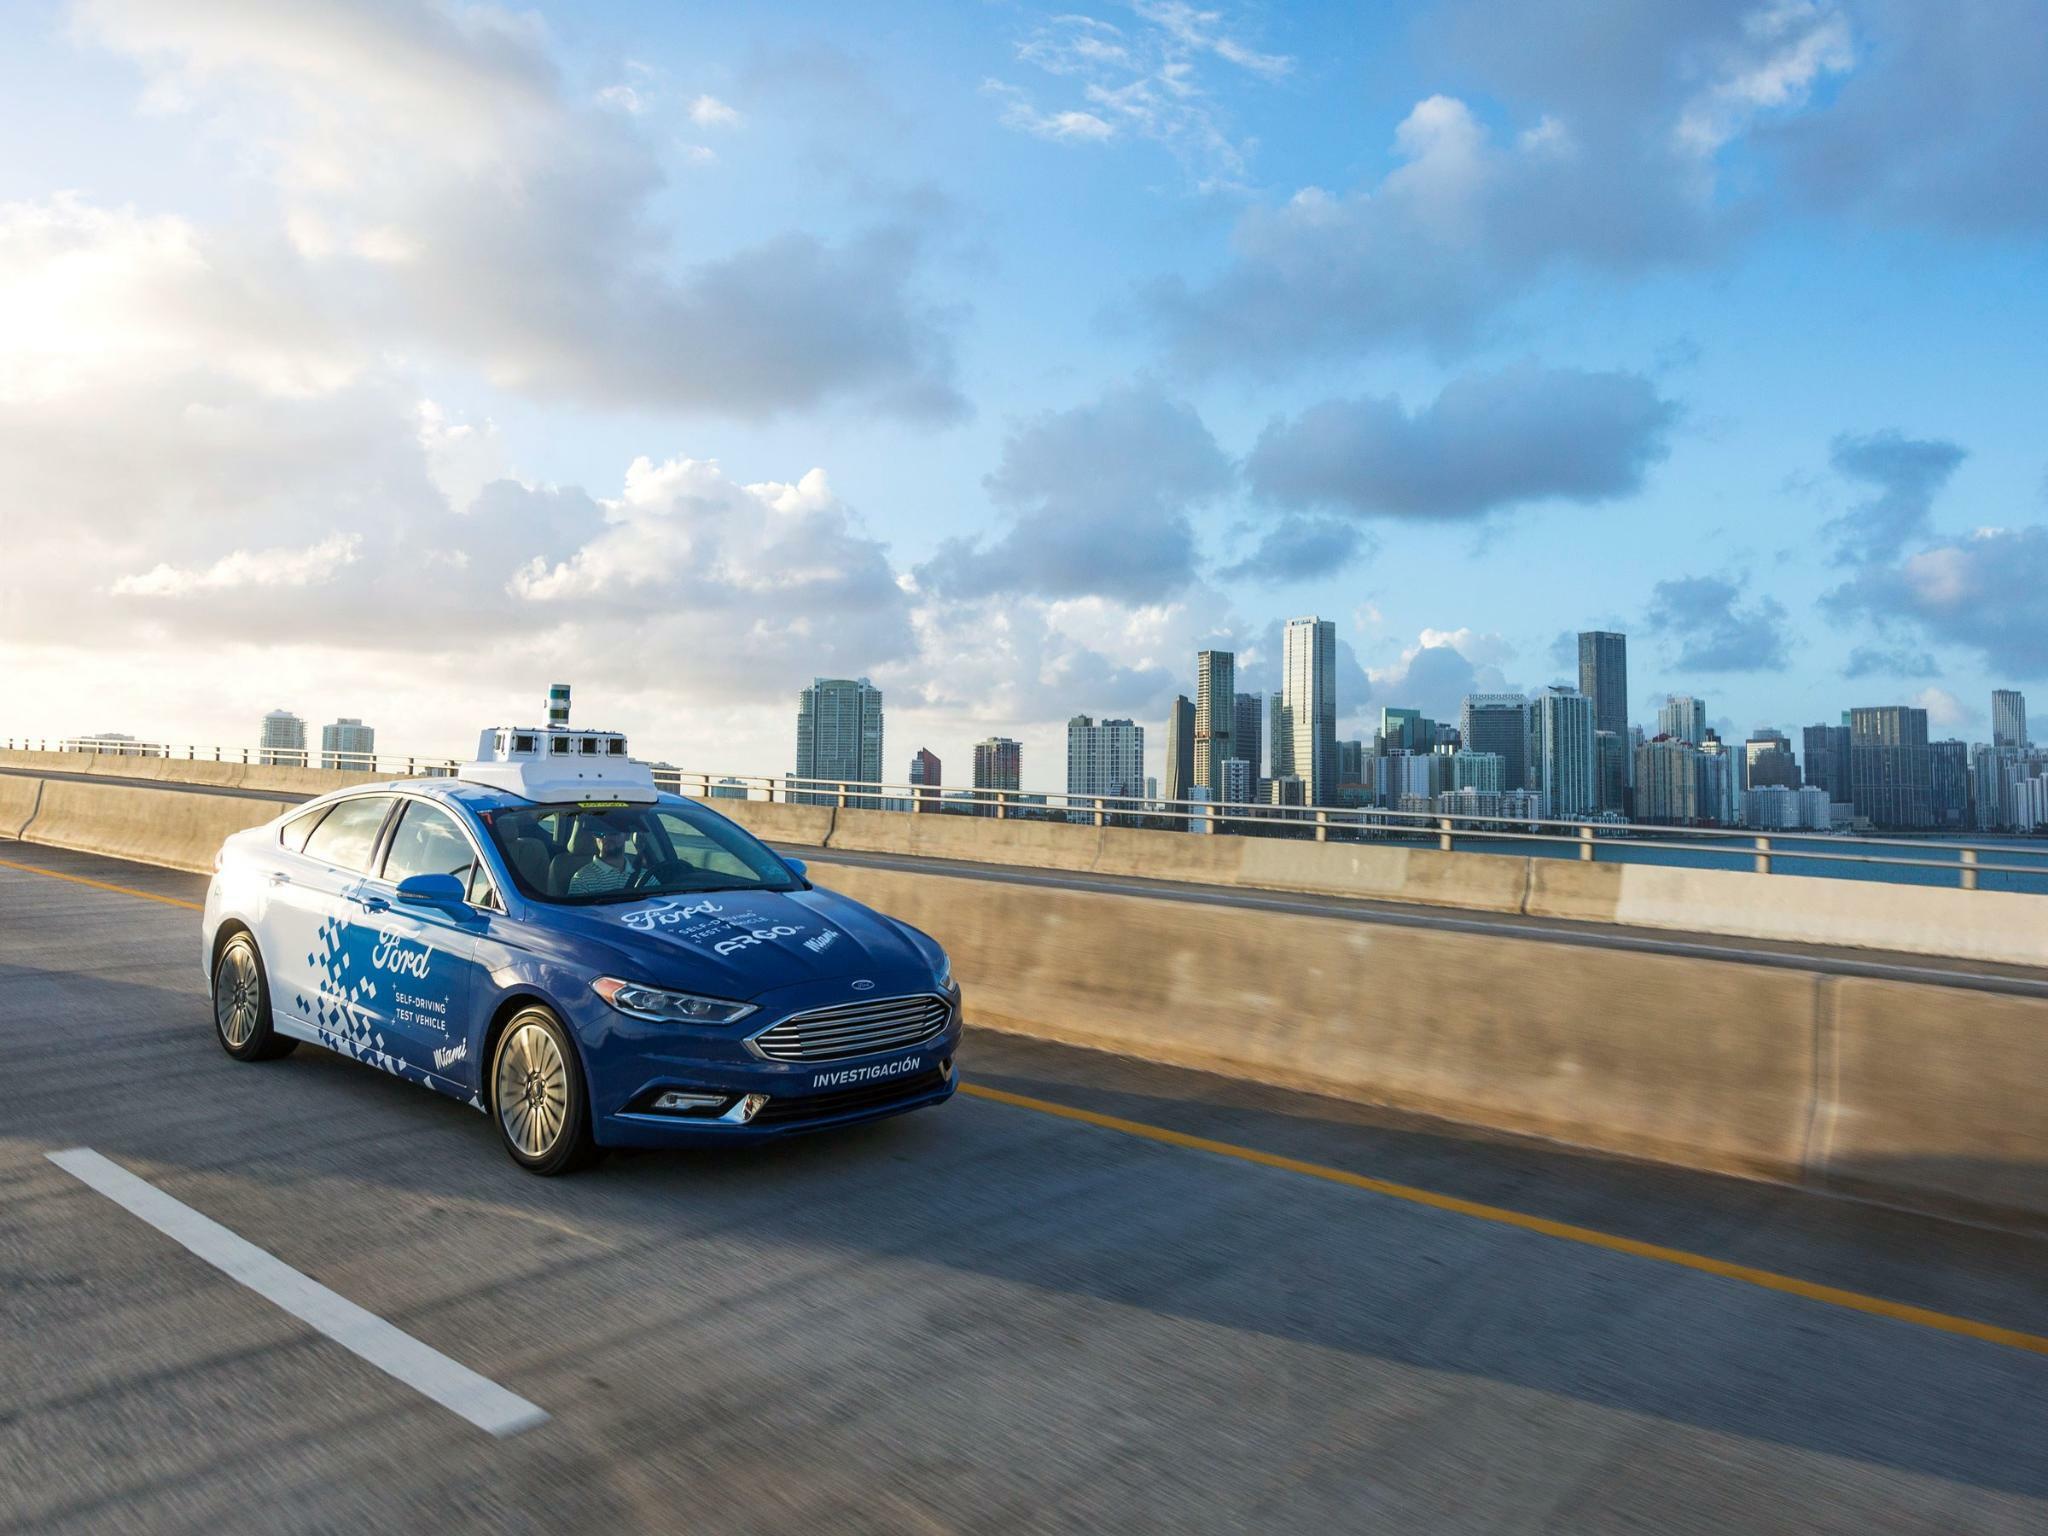 Ford: Innovativstes Unternehmen im Bereich Autonomes Fahren